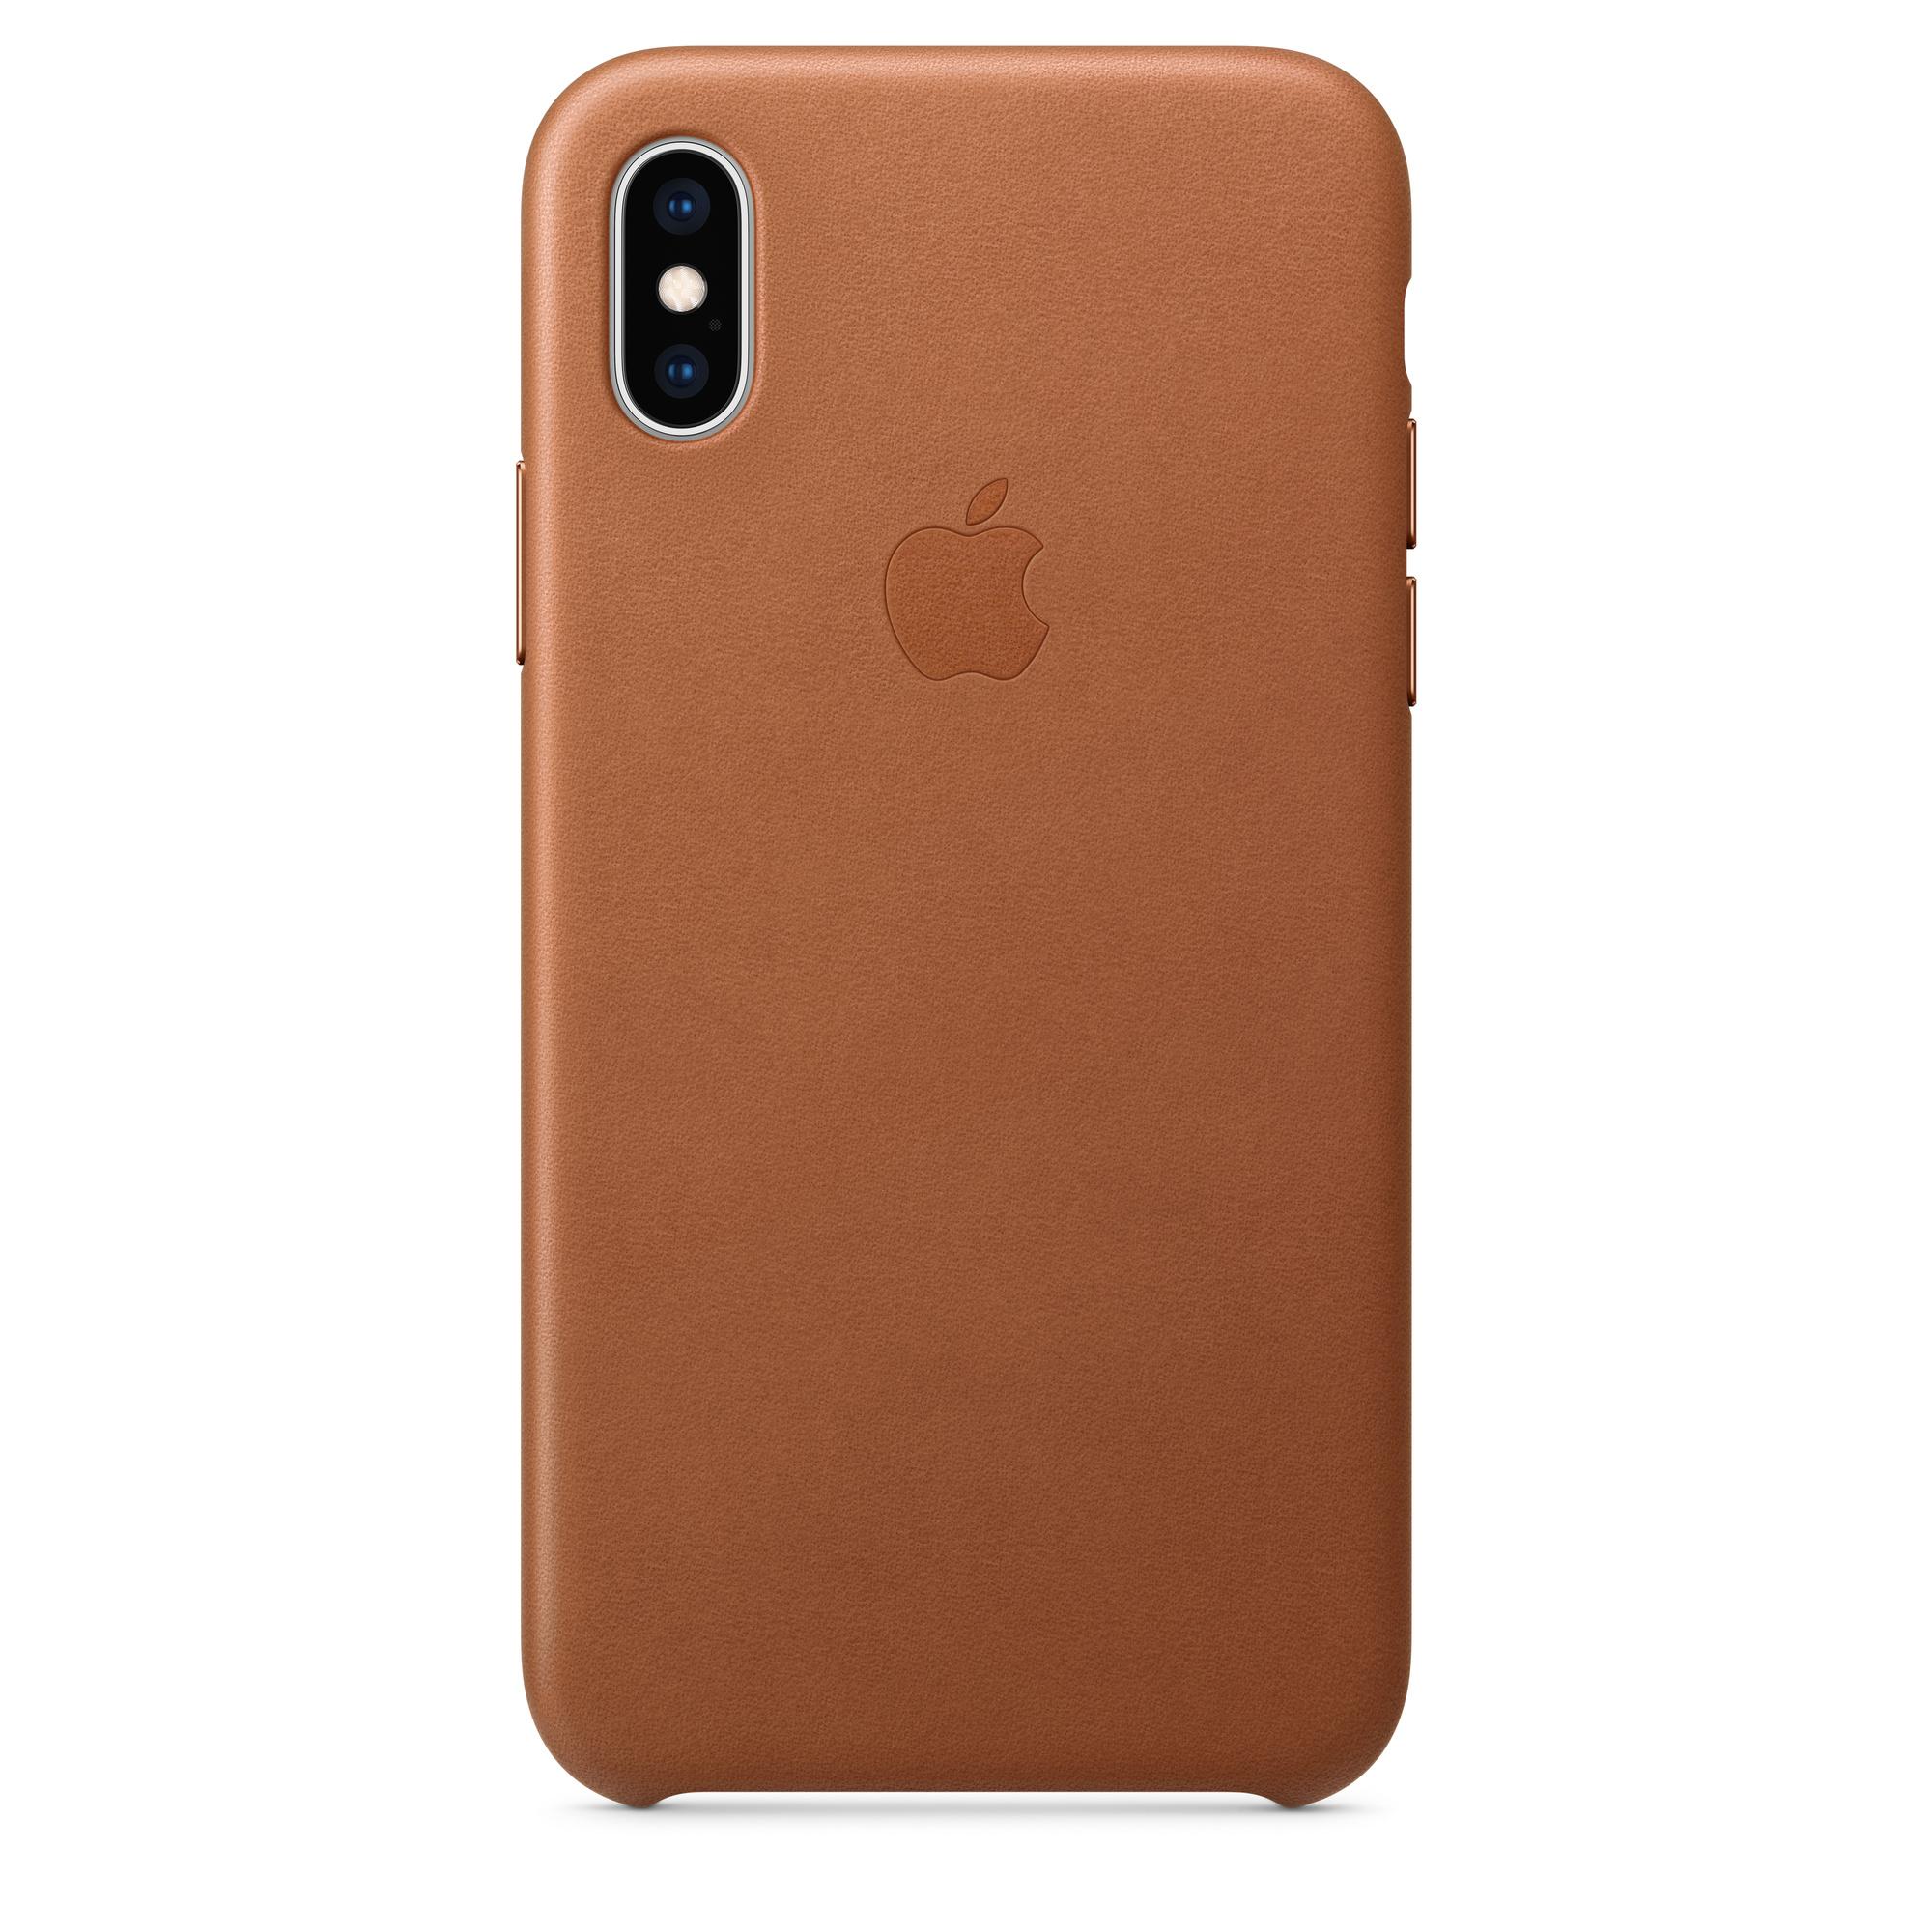 promo code 37f3a e0c8e iPhone XS Leather Case - Saddle Brown